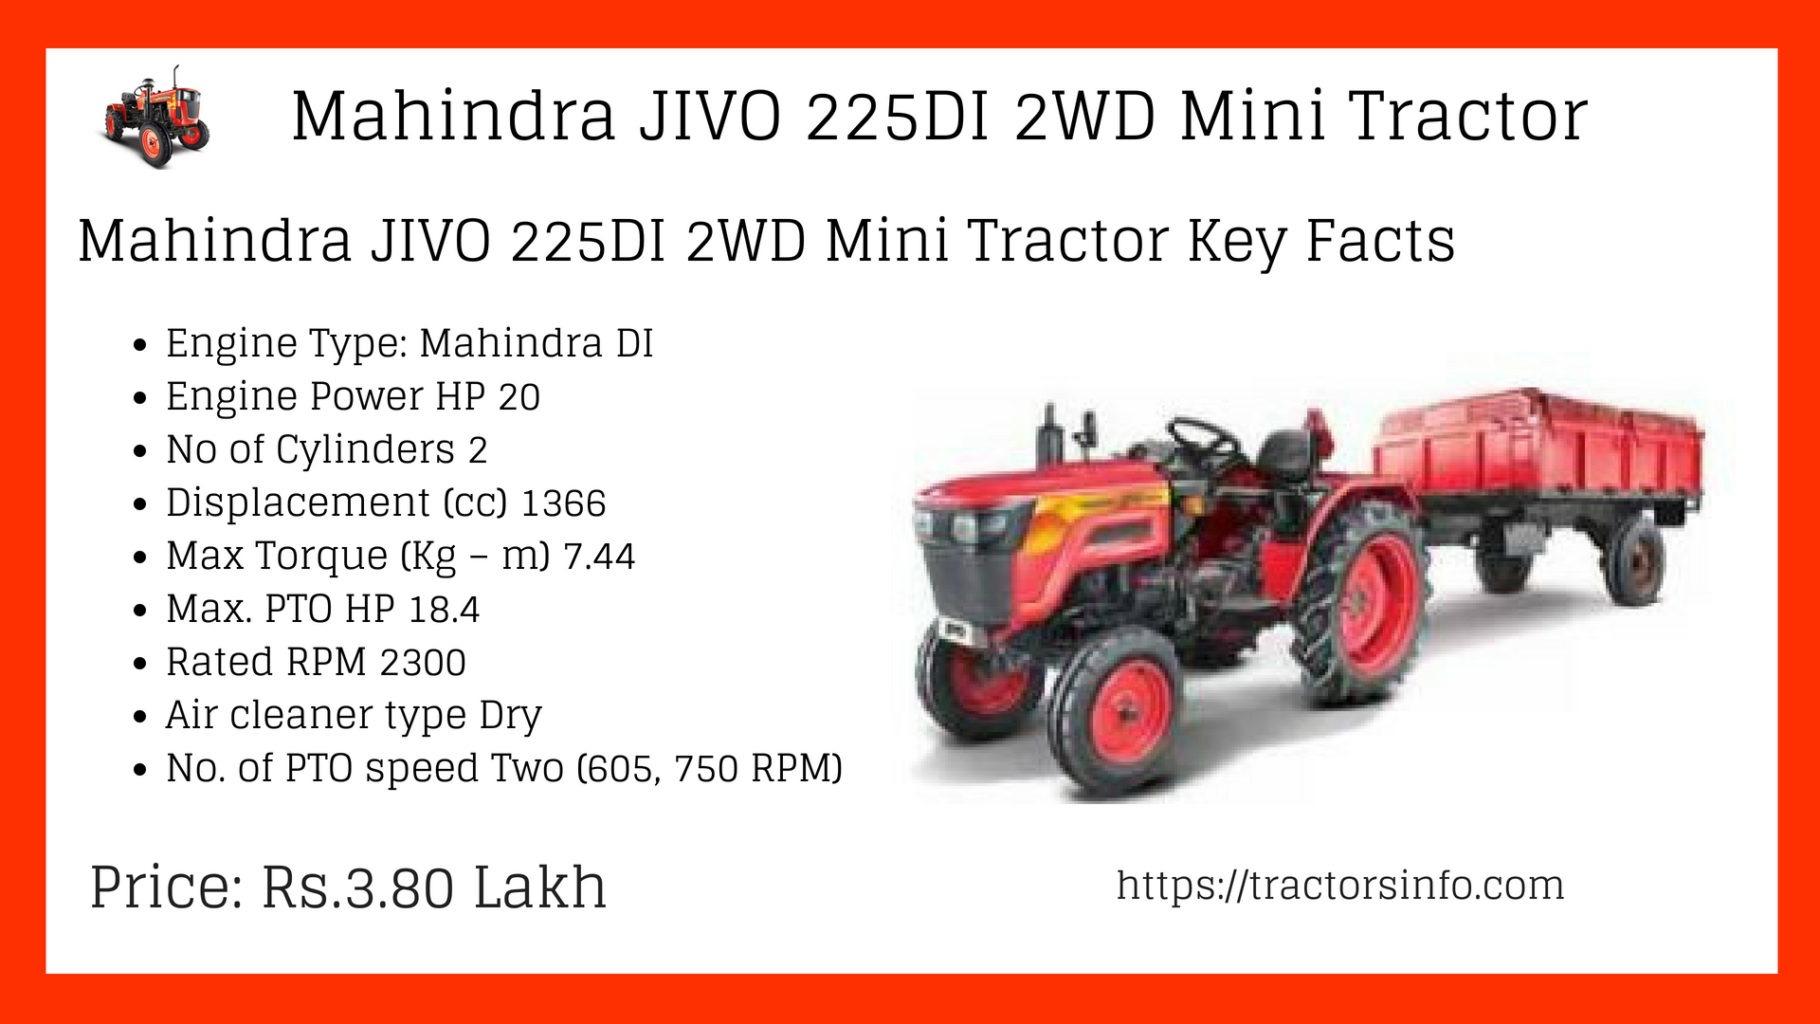 Mahindra JIVO 225DI Mini Tractor